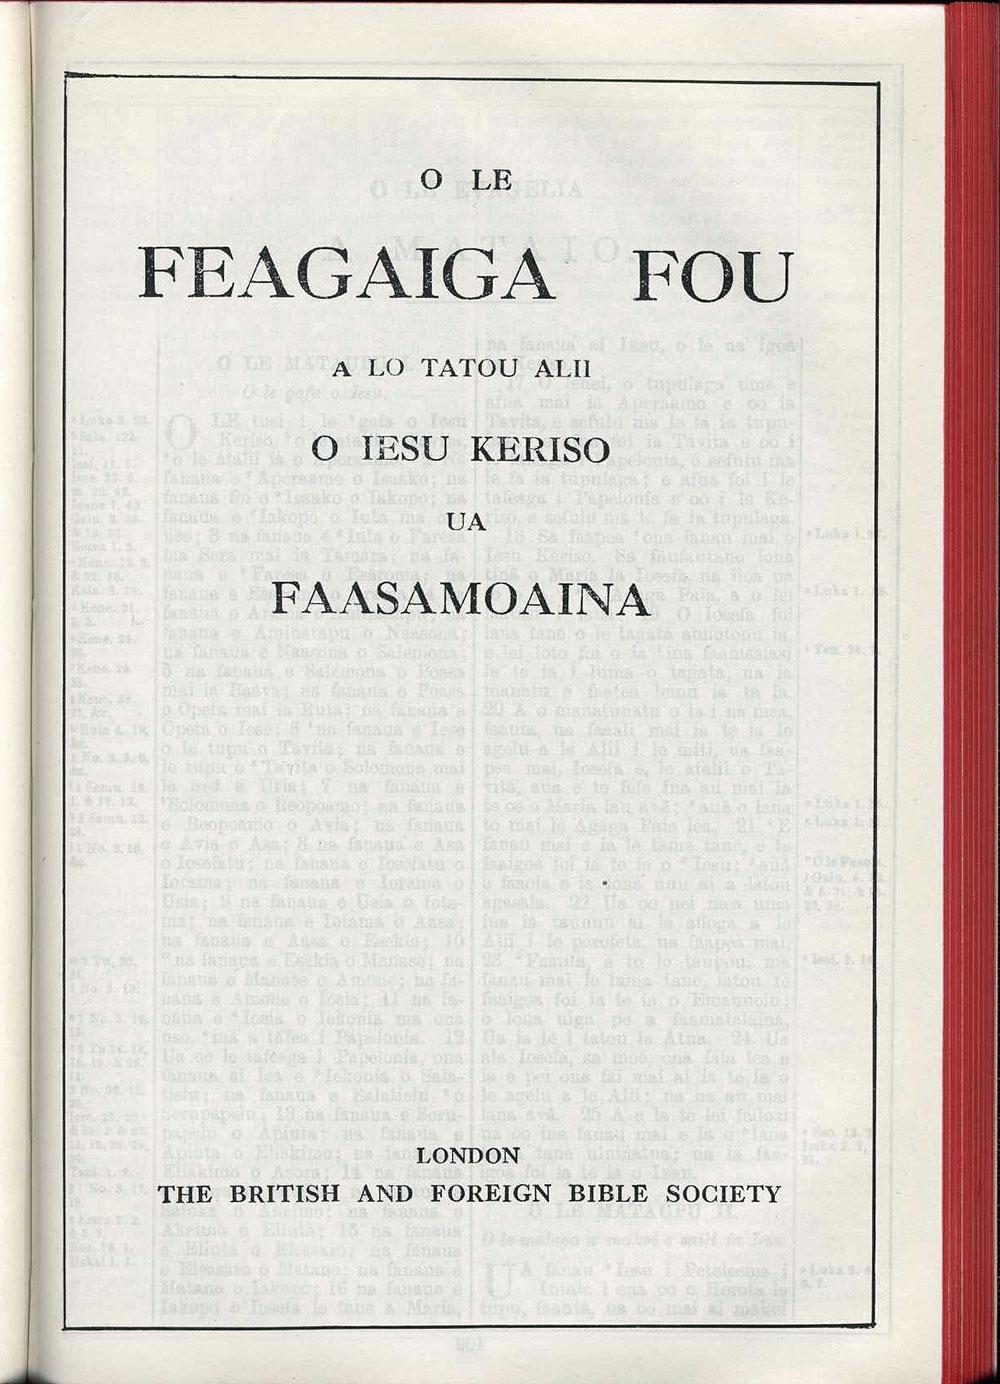 [Bible in Samoan]. <em>O le Tusi Paia: o le Feagaiga Tuai ma le Feagaiga Fou lea ua faaSamoaina.</em> Suva; Vila; Wellington: Bible Society, 1974.